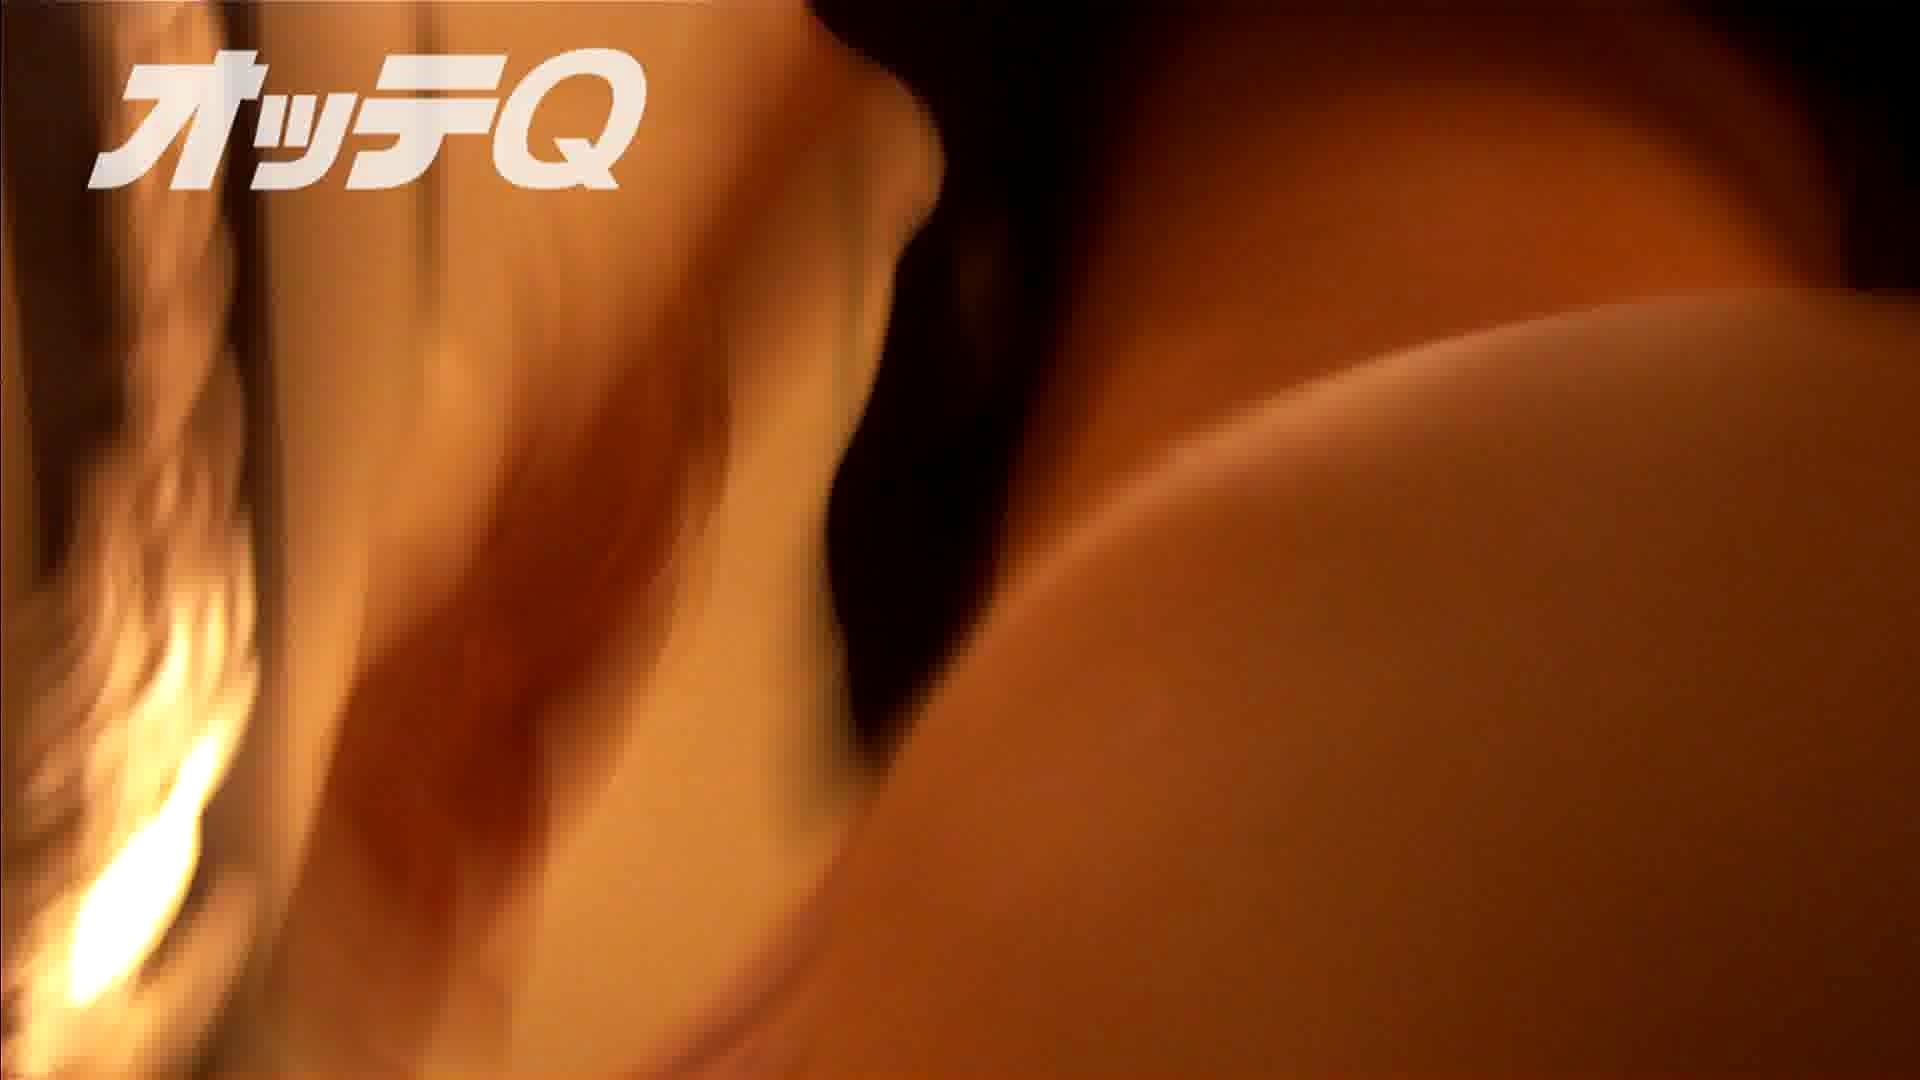 ハイビジョンパンチラ オッテQさんの追跡パンチラデパート編VOL.04 追跡 オメコ動画キャプチャ 105pic 95